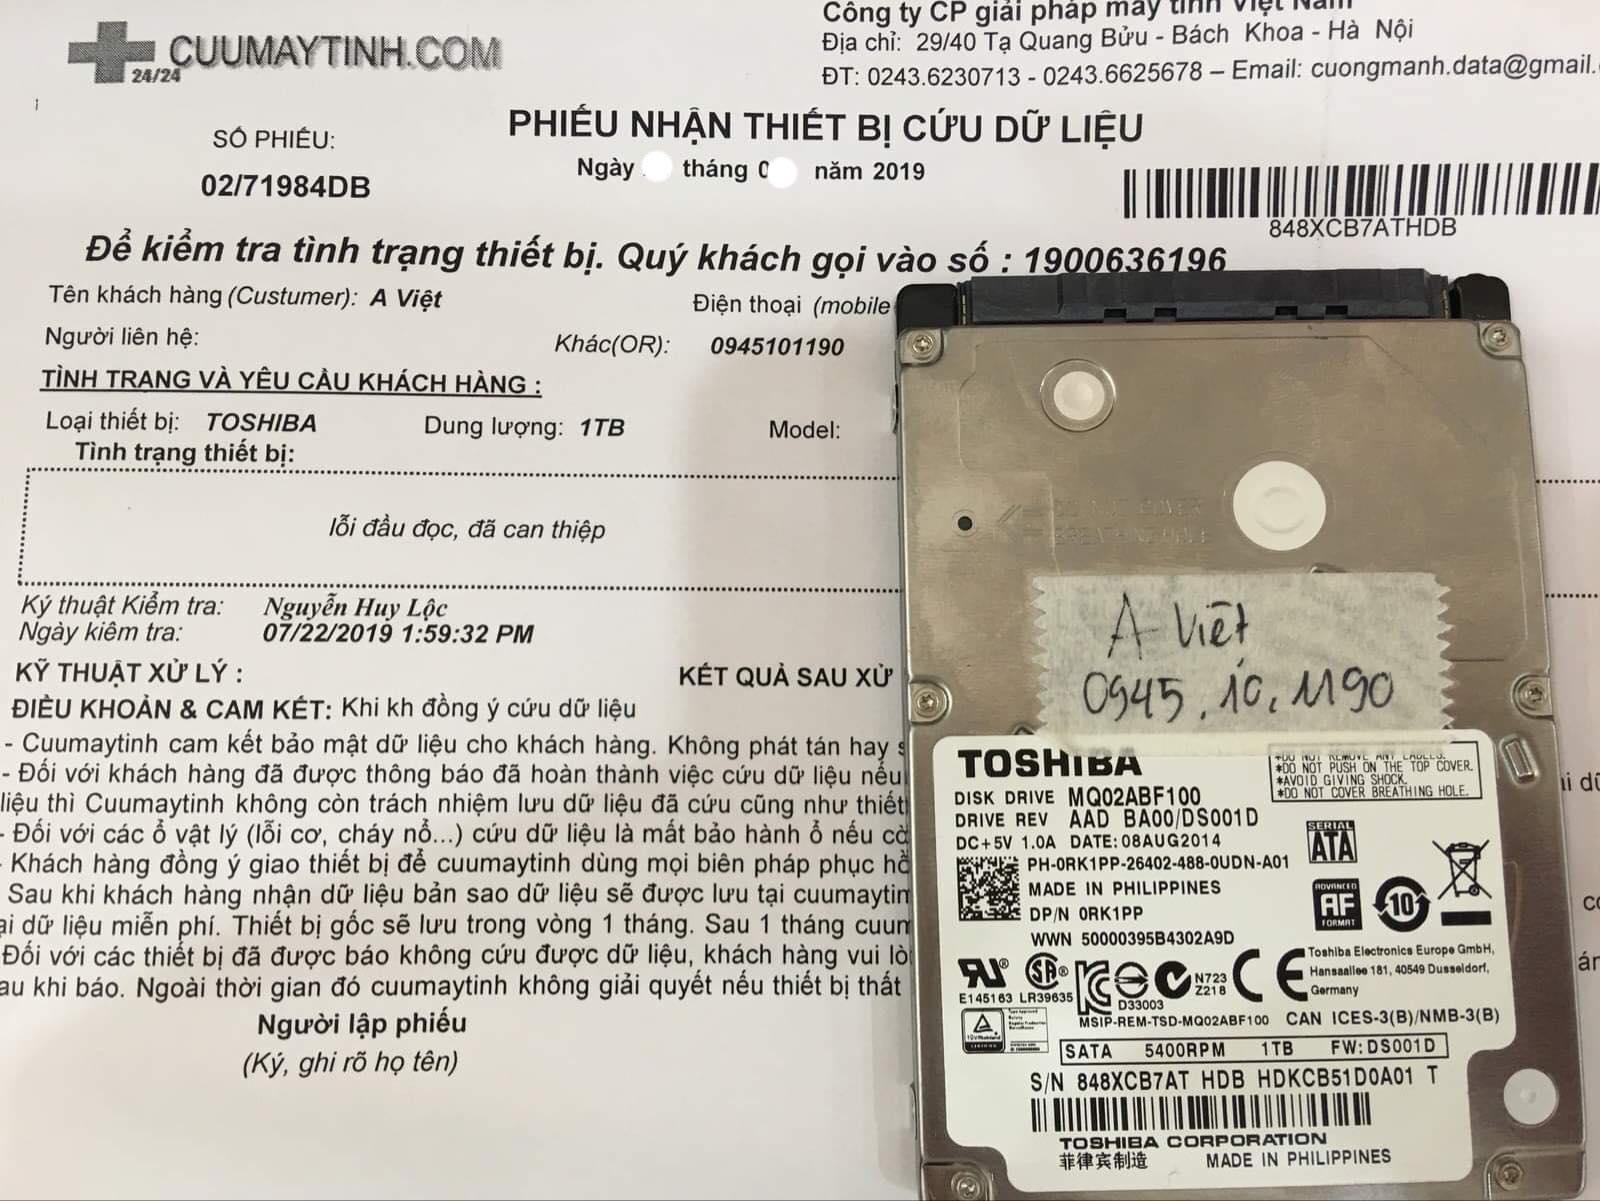 Lấy dữ liệu ổ cứng Toshiba 1TB lỗi đầu đọc 15/08/2019 - cuumaytinh